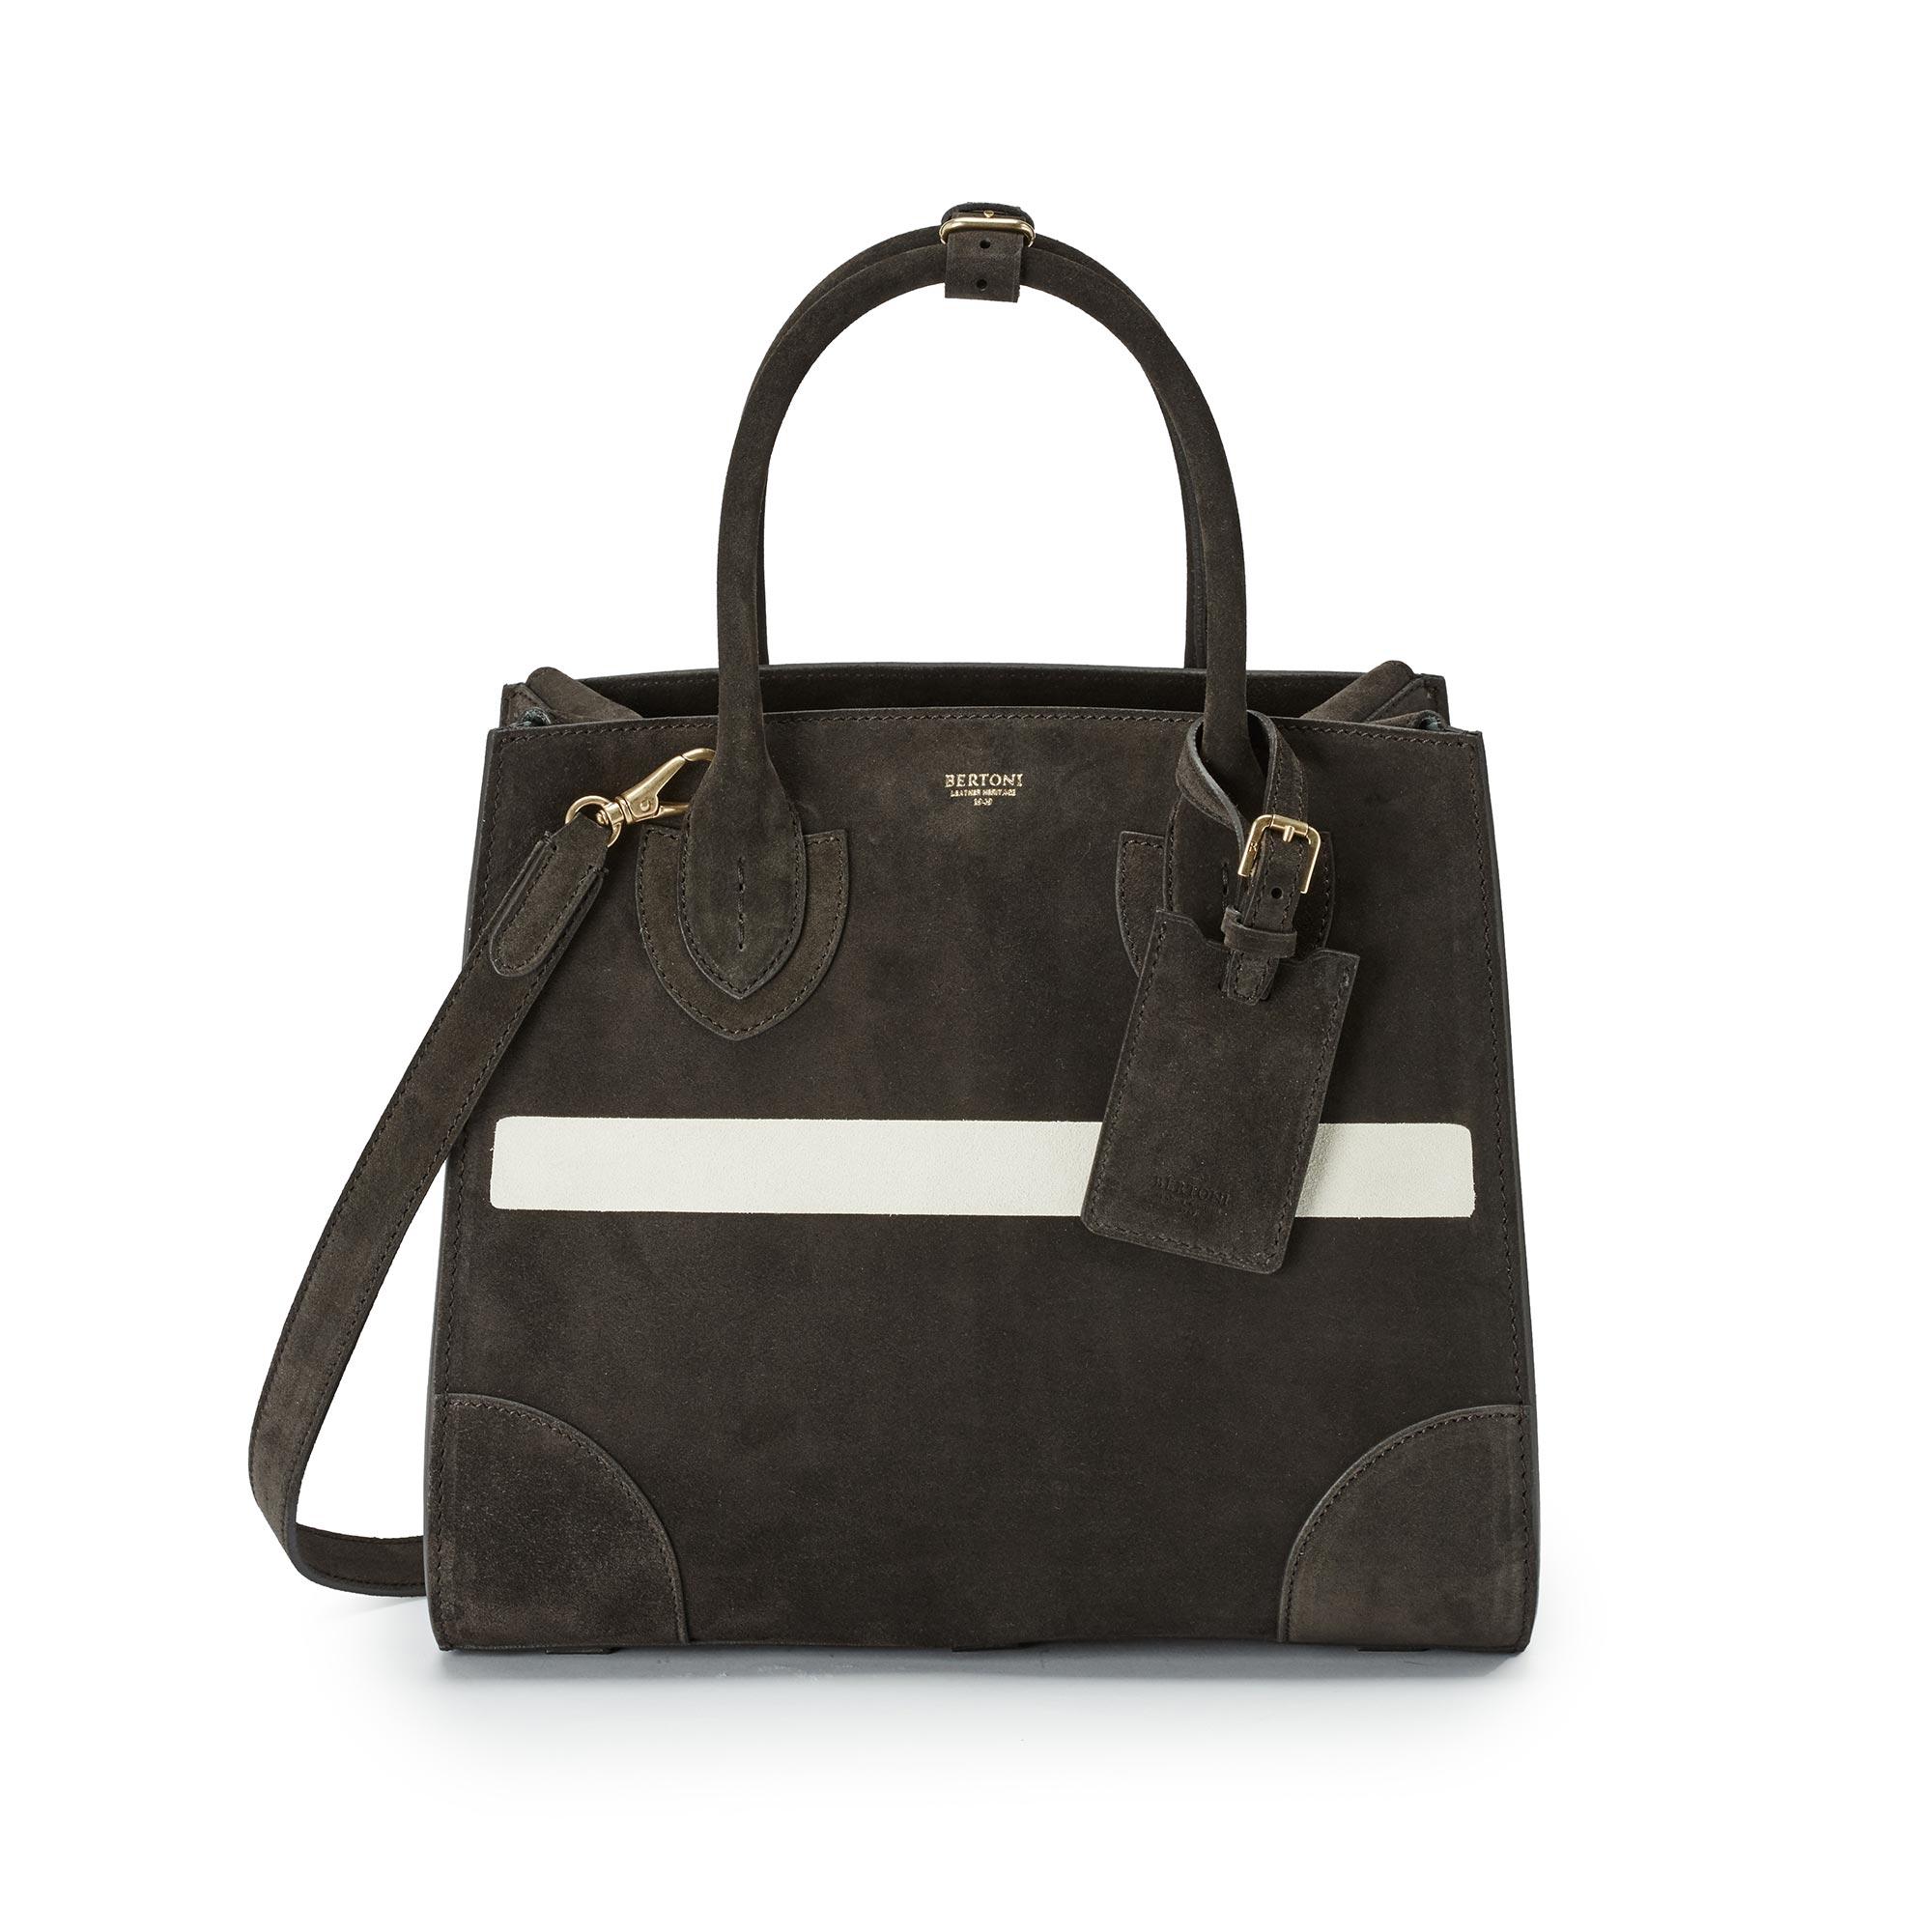 Medium-Darcy-coffee-suede-bag-Bertoni-1949